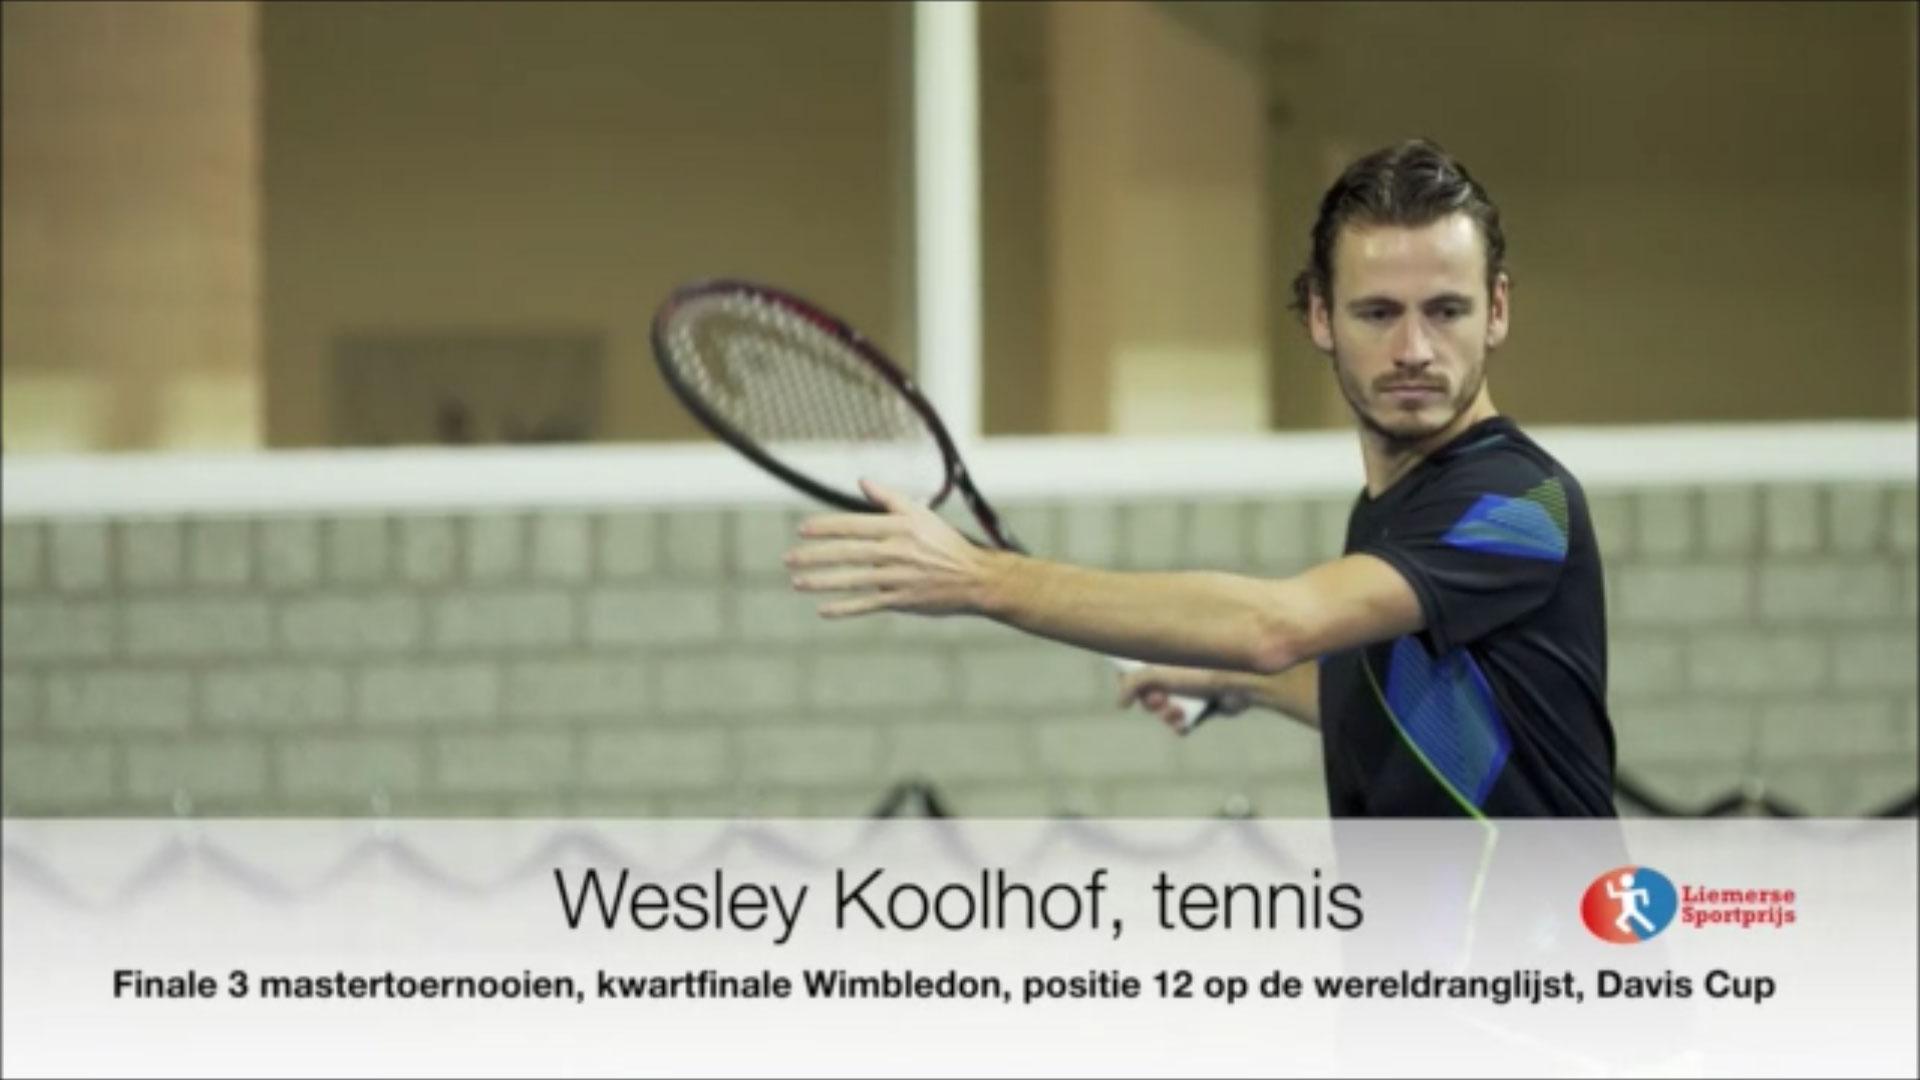 Blik op online mediapartner van de Liemerse Sportprijs